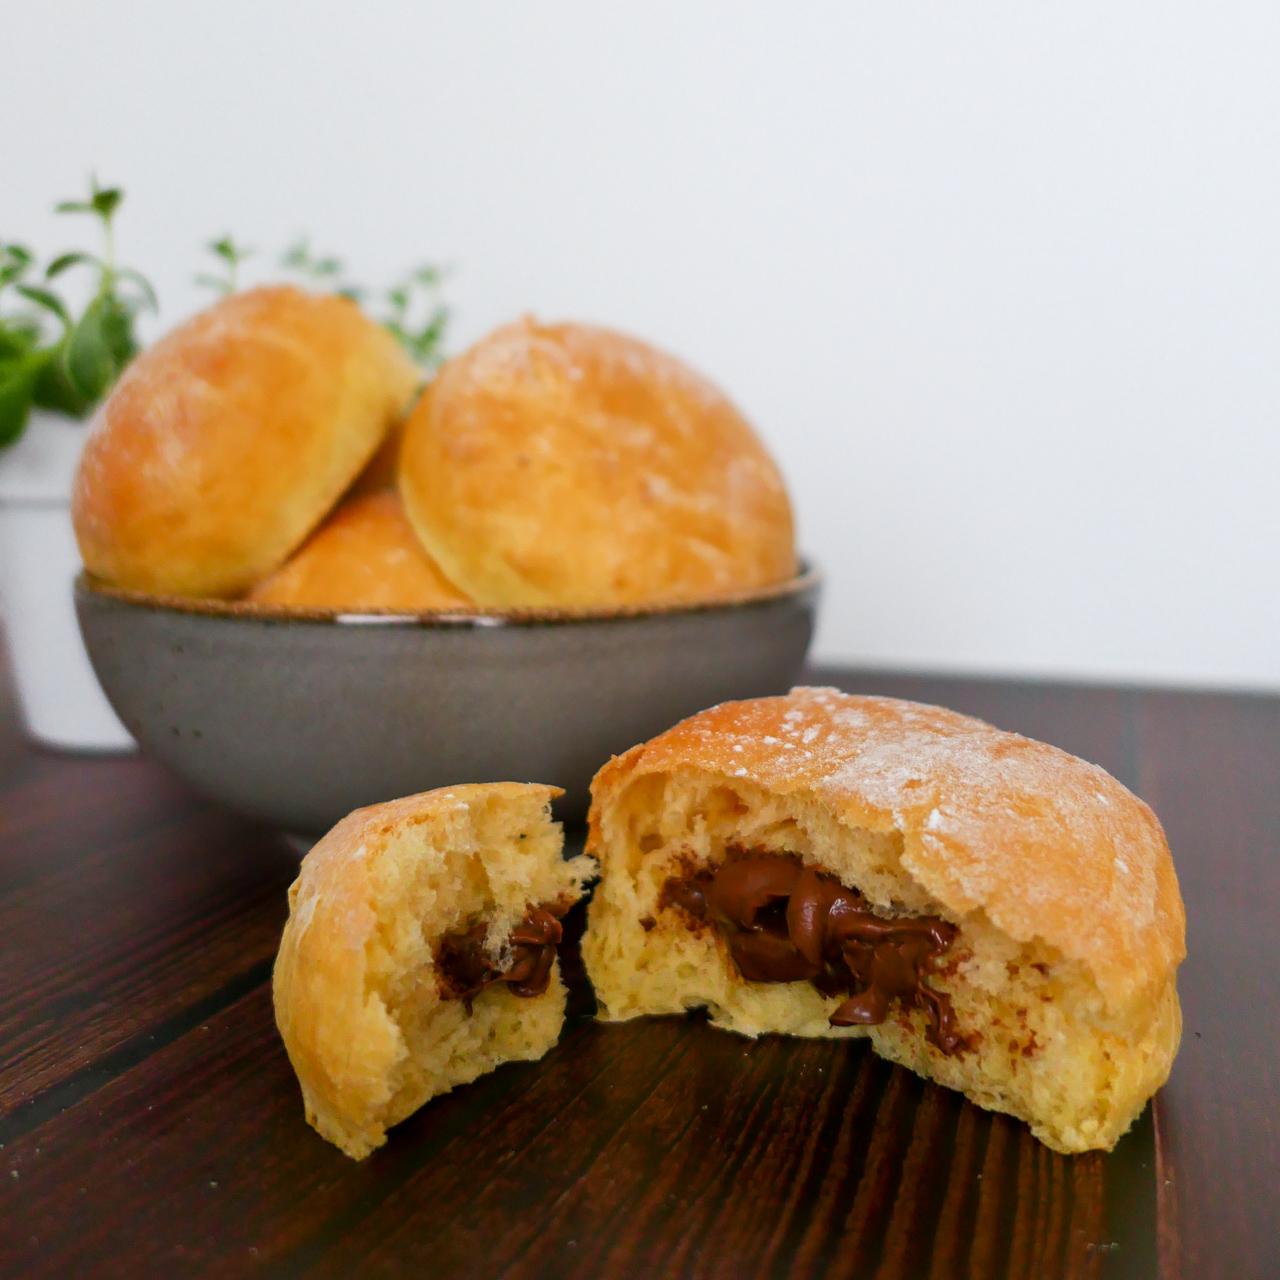 Beignet De Brocolis Au Four beignets légers cuits au four - les recettes de julie gri